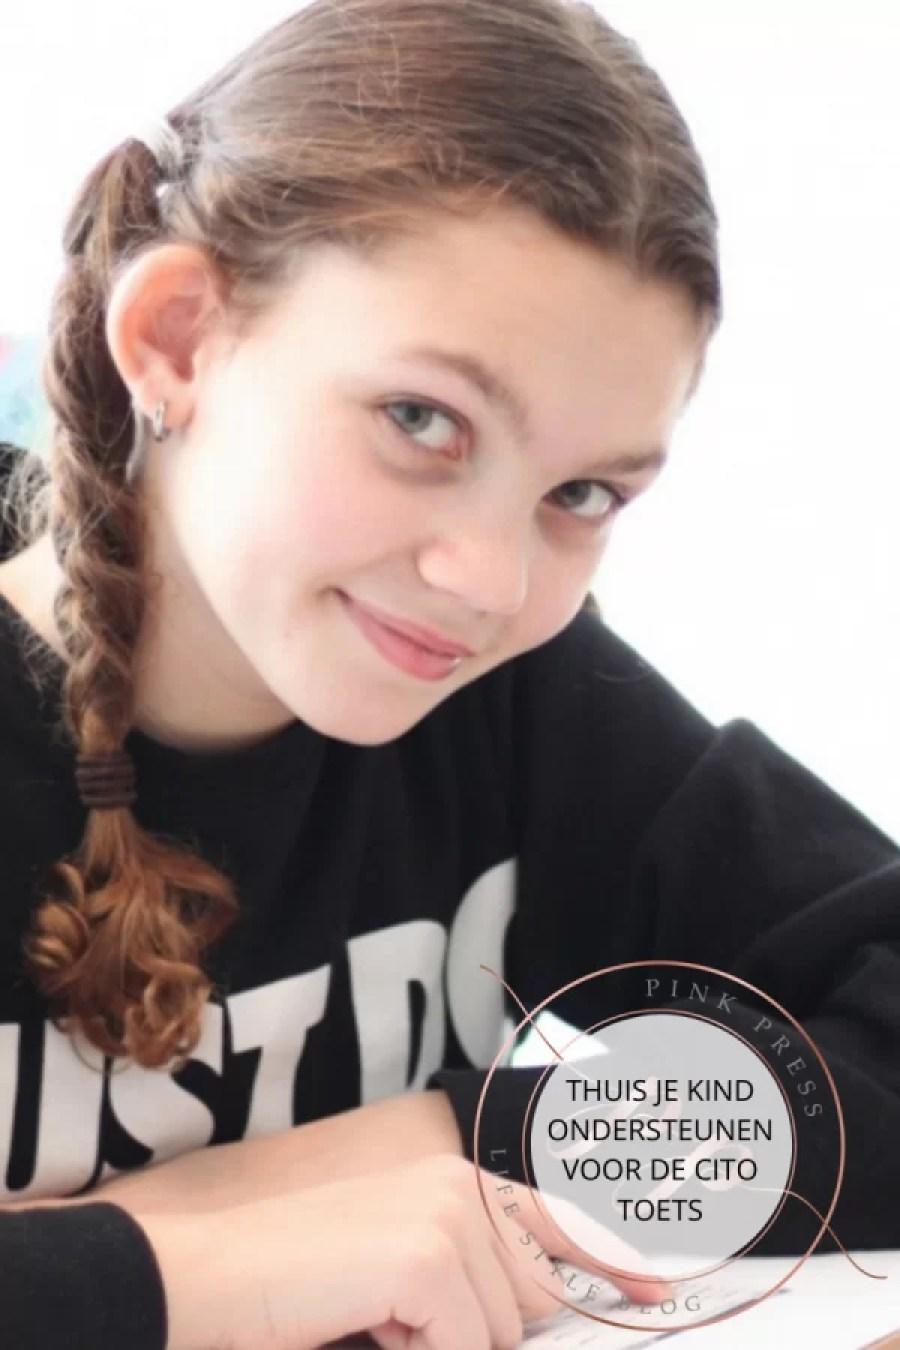 Thuis je kind ondersteunen voor de CITO toets - De gevreesde CITO toets | Zo kun je helpen het makkelijker te maken